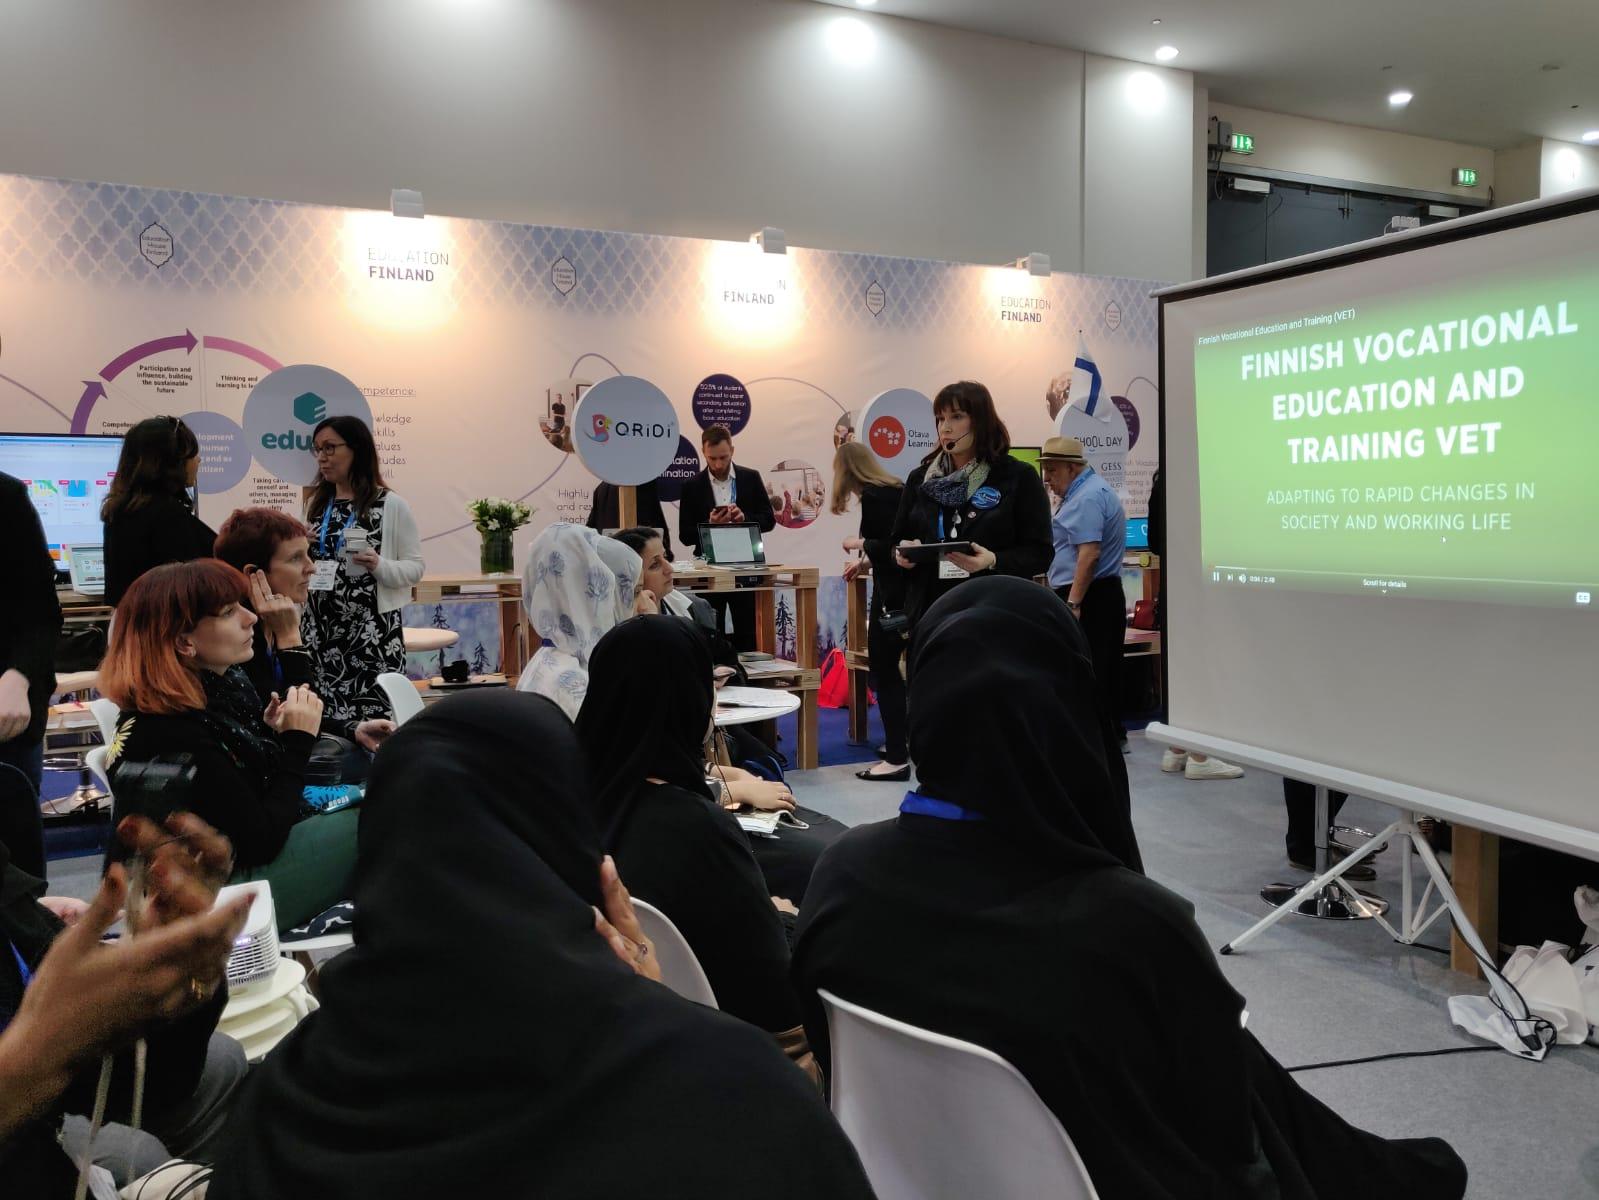 PINO Networkin Merja Paloniemi esittelee suomalaista ammattikoulutusta Gess Dubai 2019 -tapahtumassa.